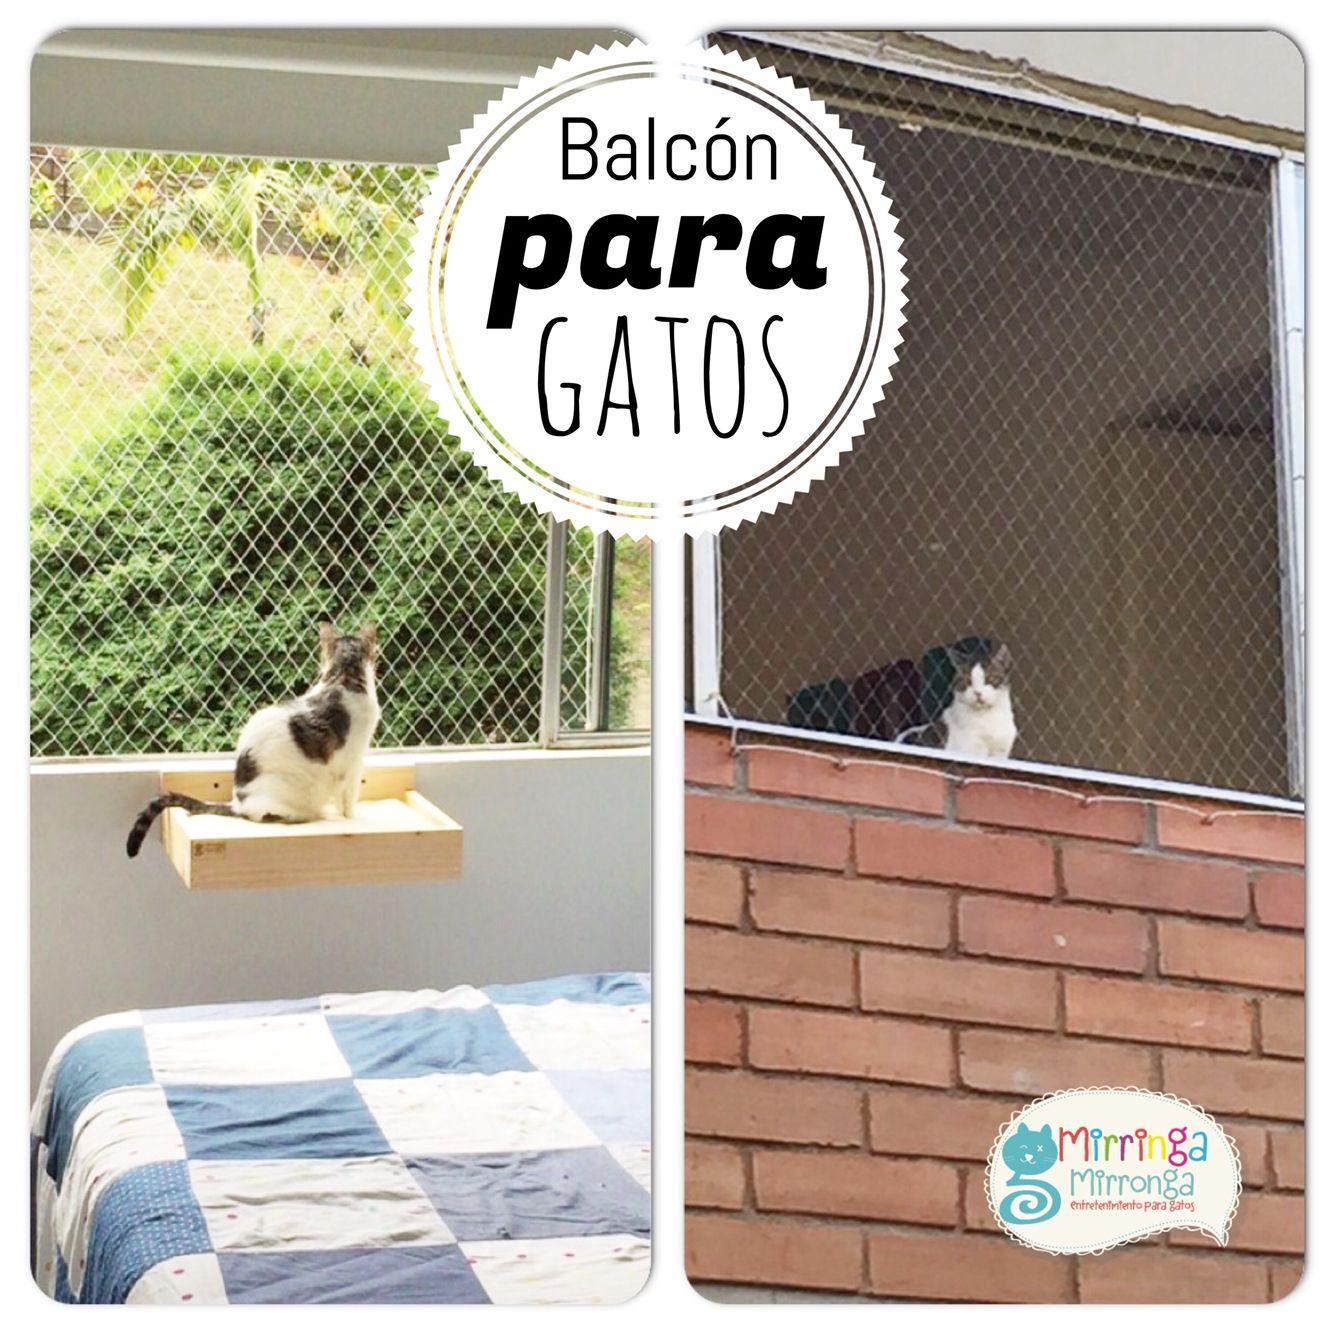 Balcón para gatos